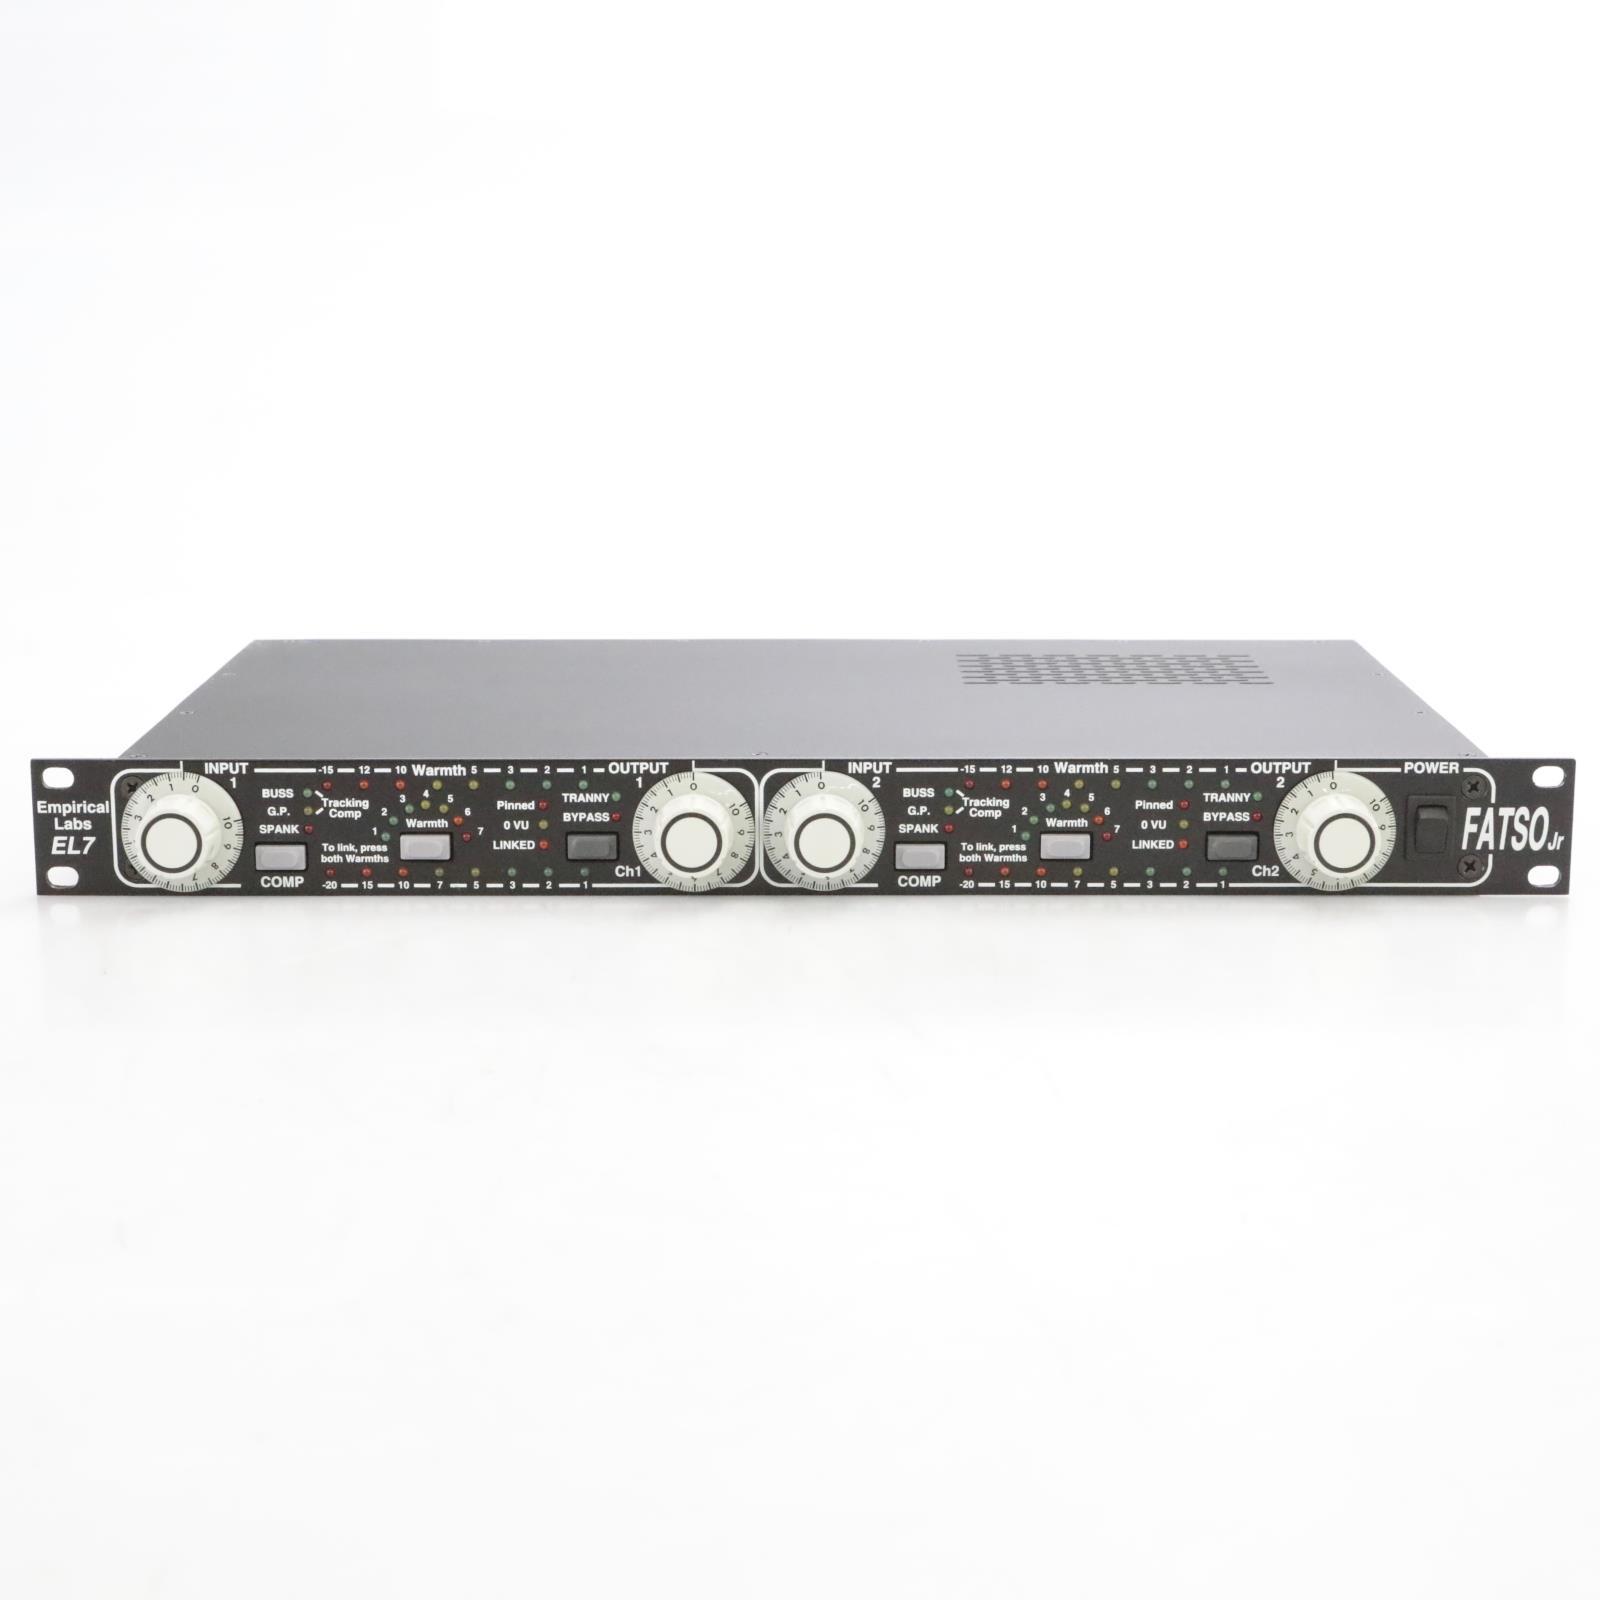 Empirical Labs EL7 Fatso Jr Full Analog Tape Simulator and Optimizer #40837